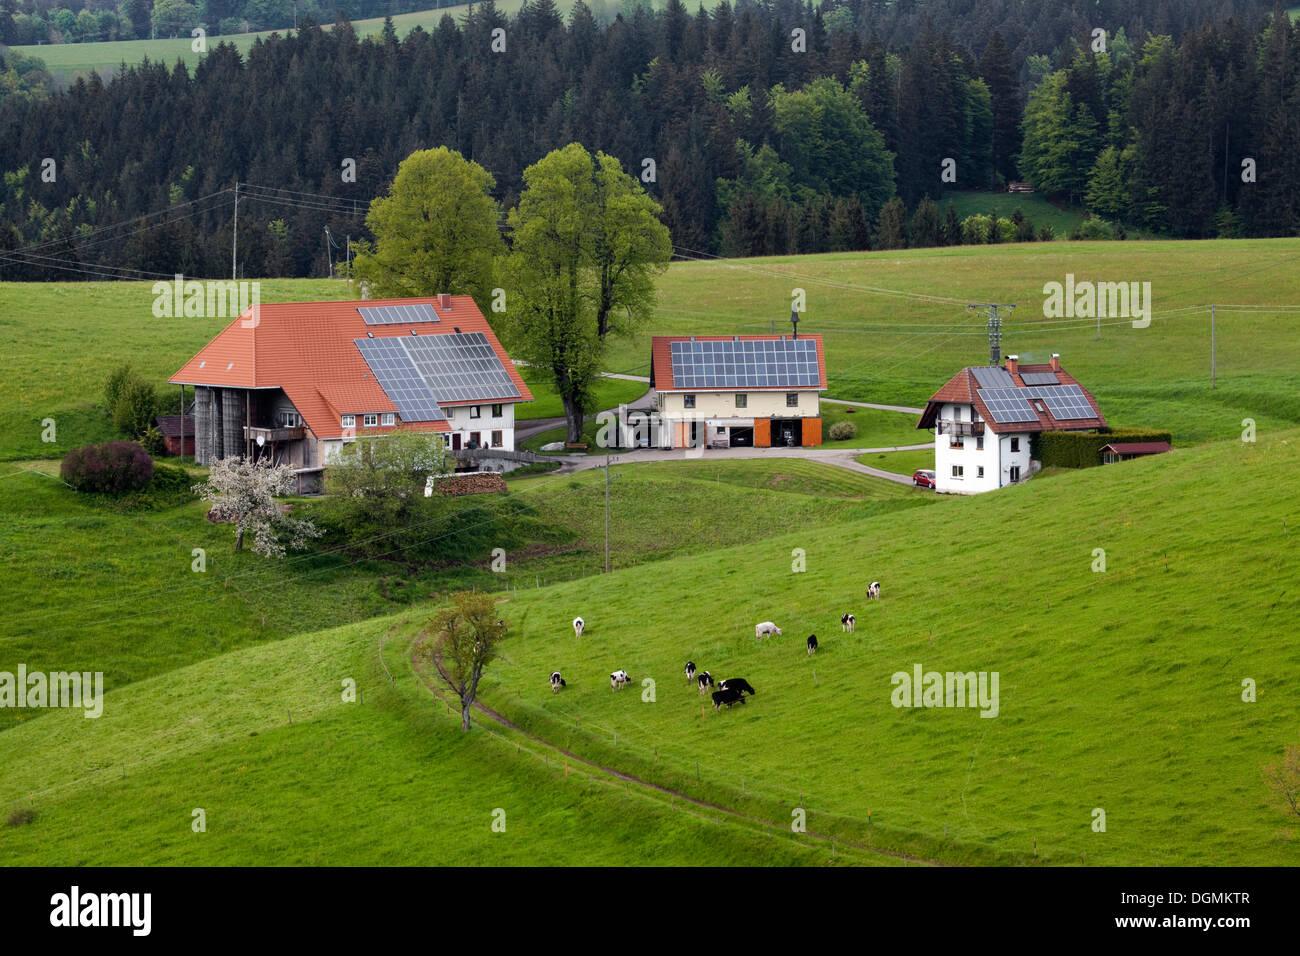 Antigua Granja con dependencias, paneles solares en los techos, Schwarzwald, St.Märgen, Baden-Württemberg, Alemania Imagen De Stock